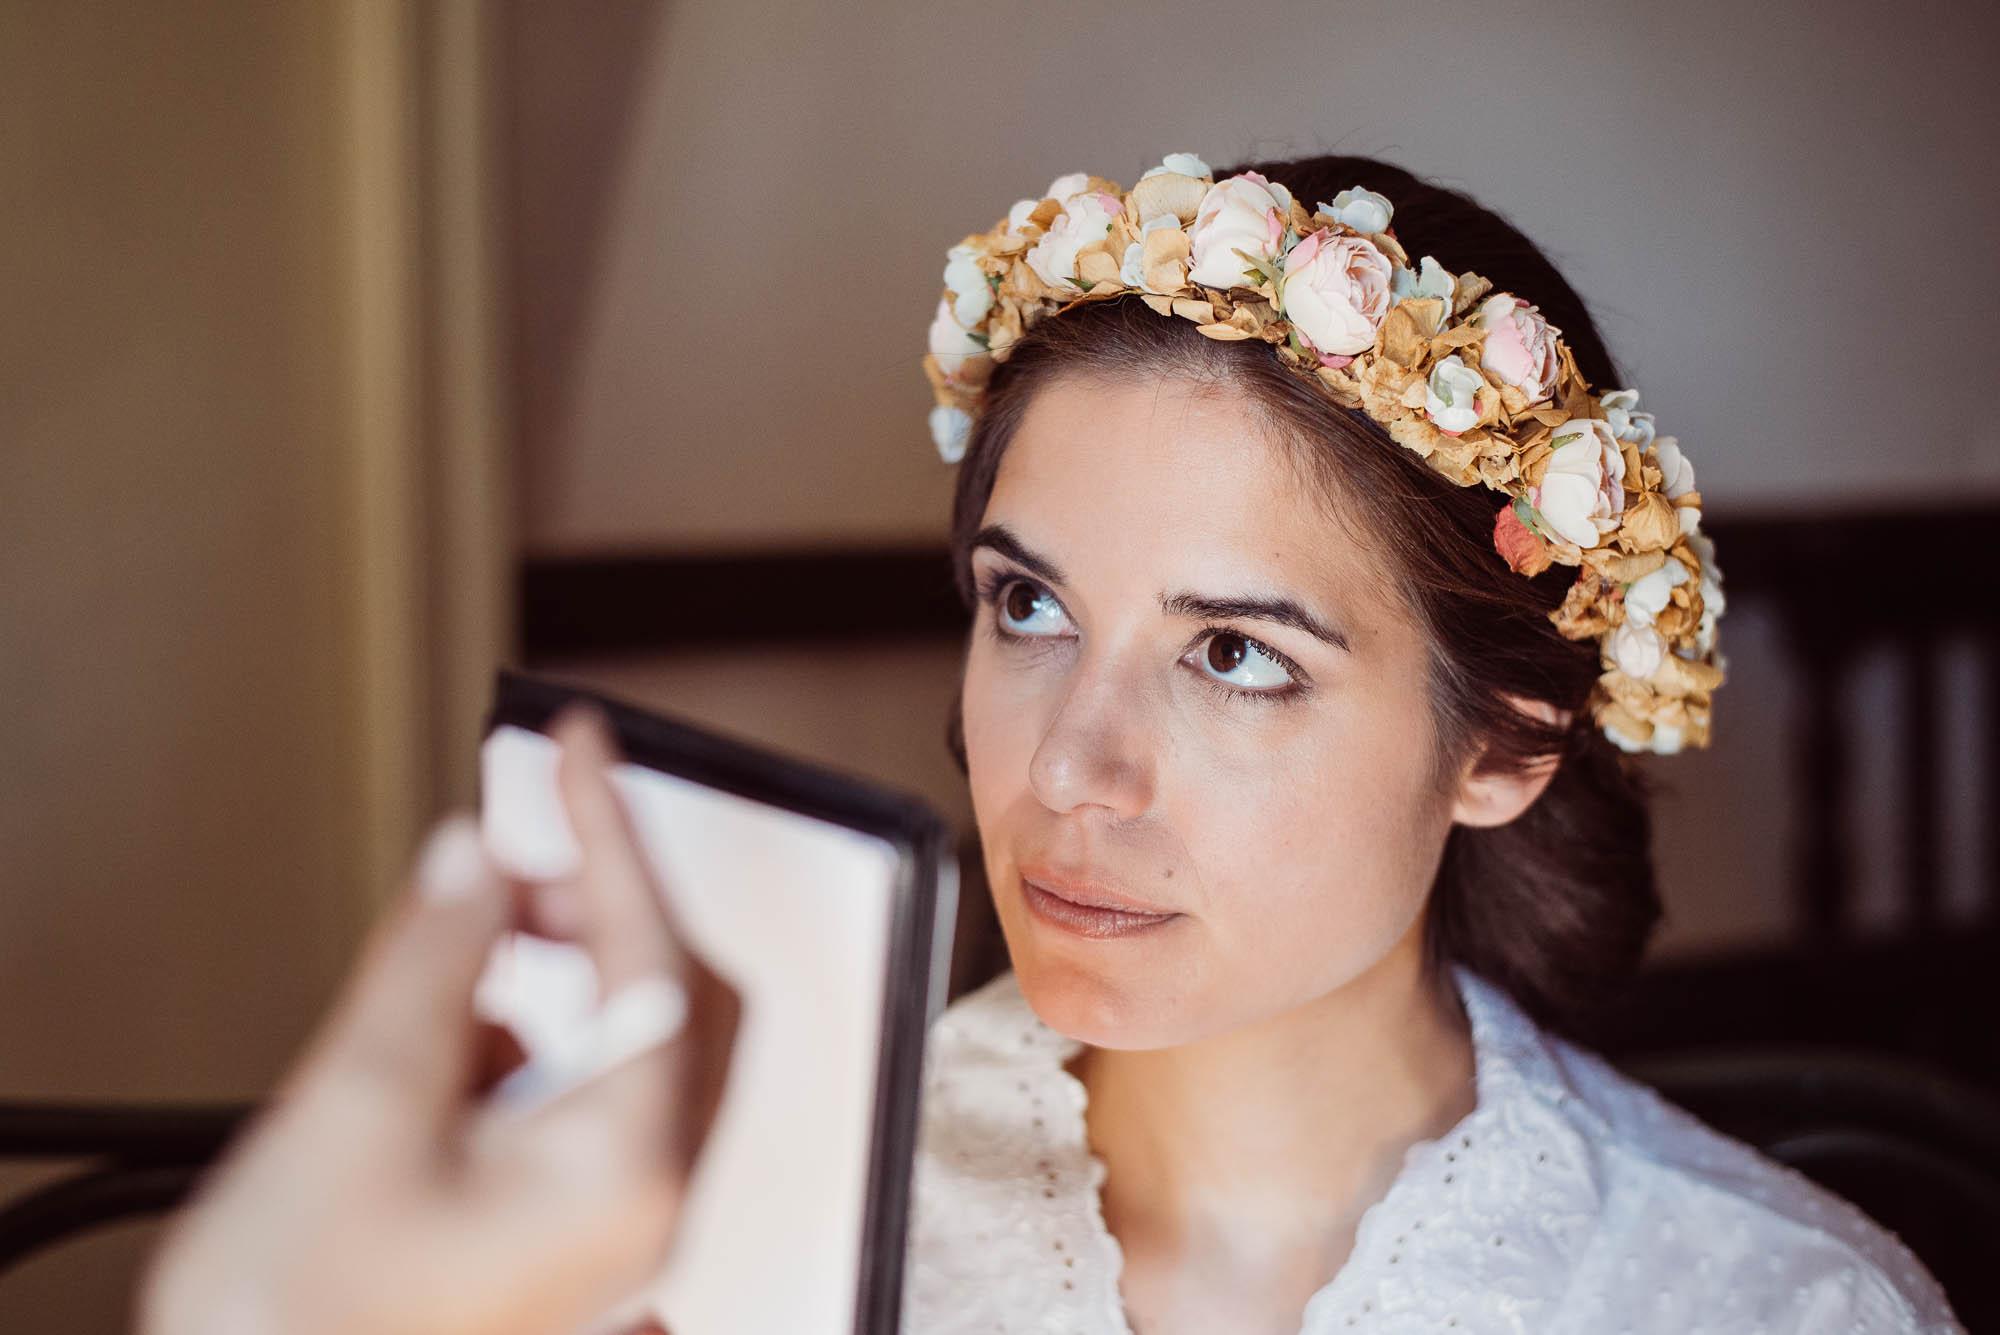 La novia durante los últimos retoques el día de la boda